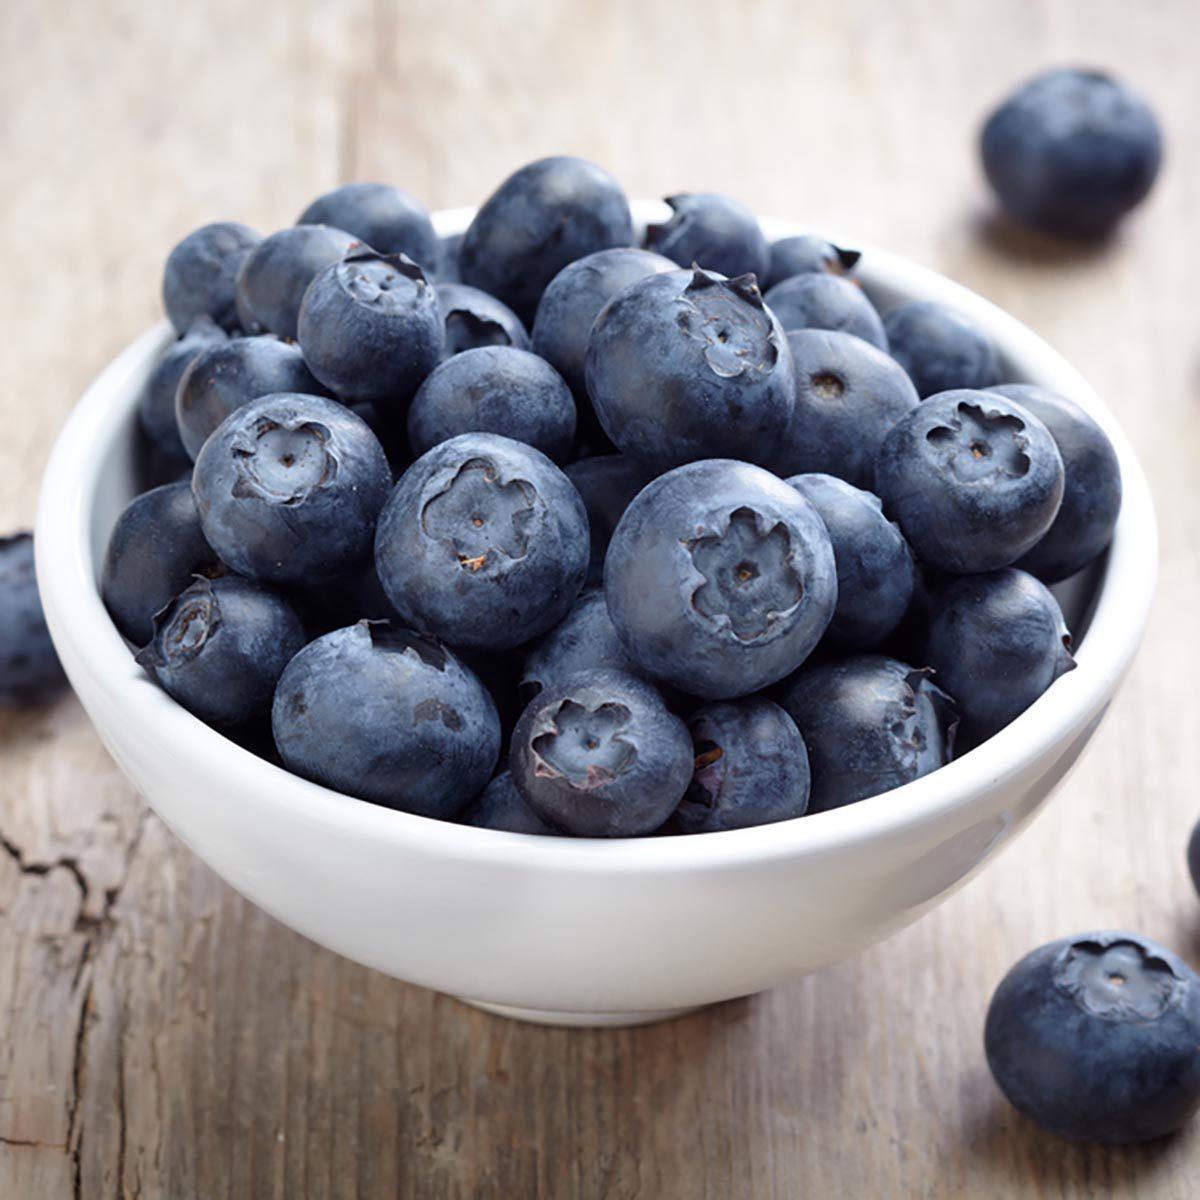 Les glucides des bleuets sont bons pour la santé.